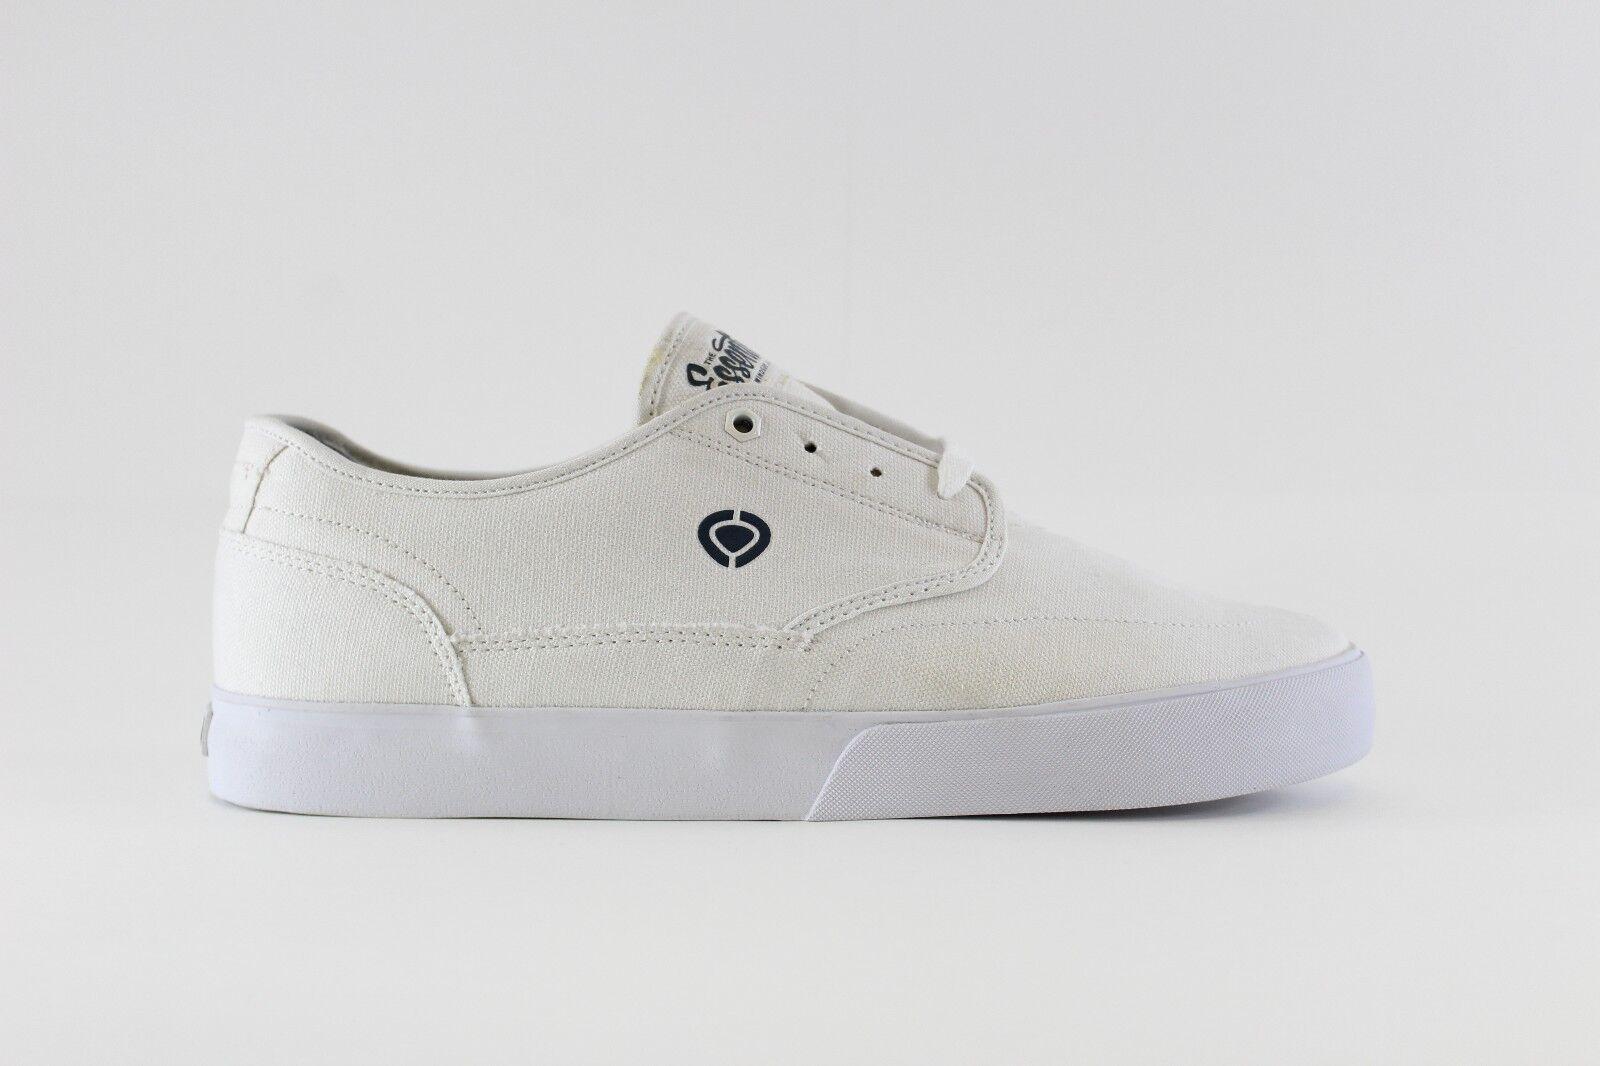 C1RCA Uomo Uomo Uomo Essential Skate scarpe, bianca Dark Denim, 11.5 M US b4bf8a